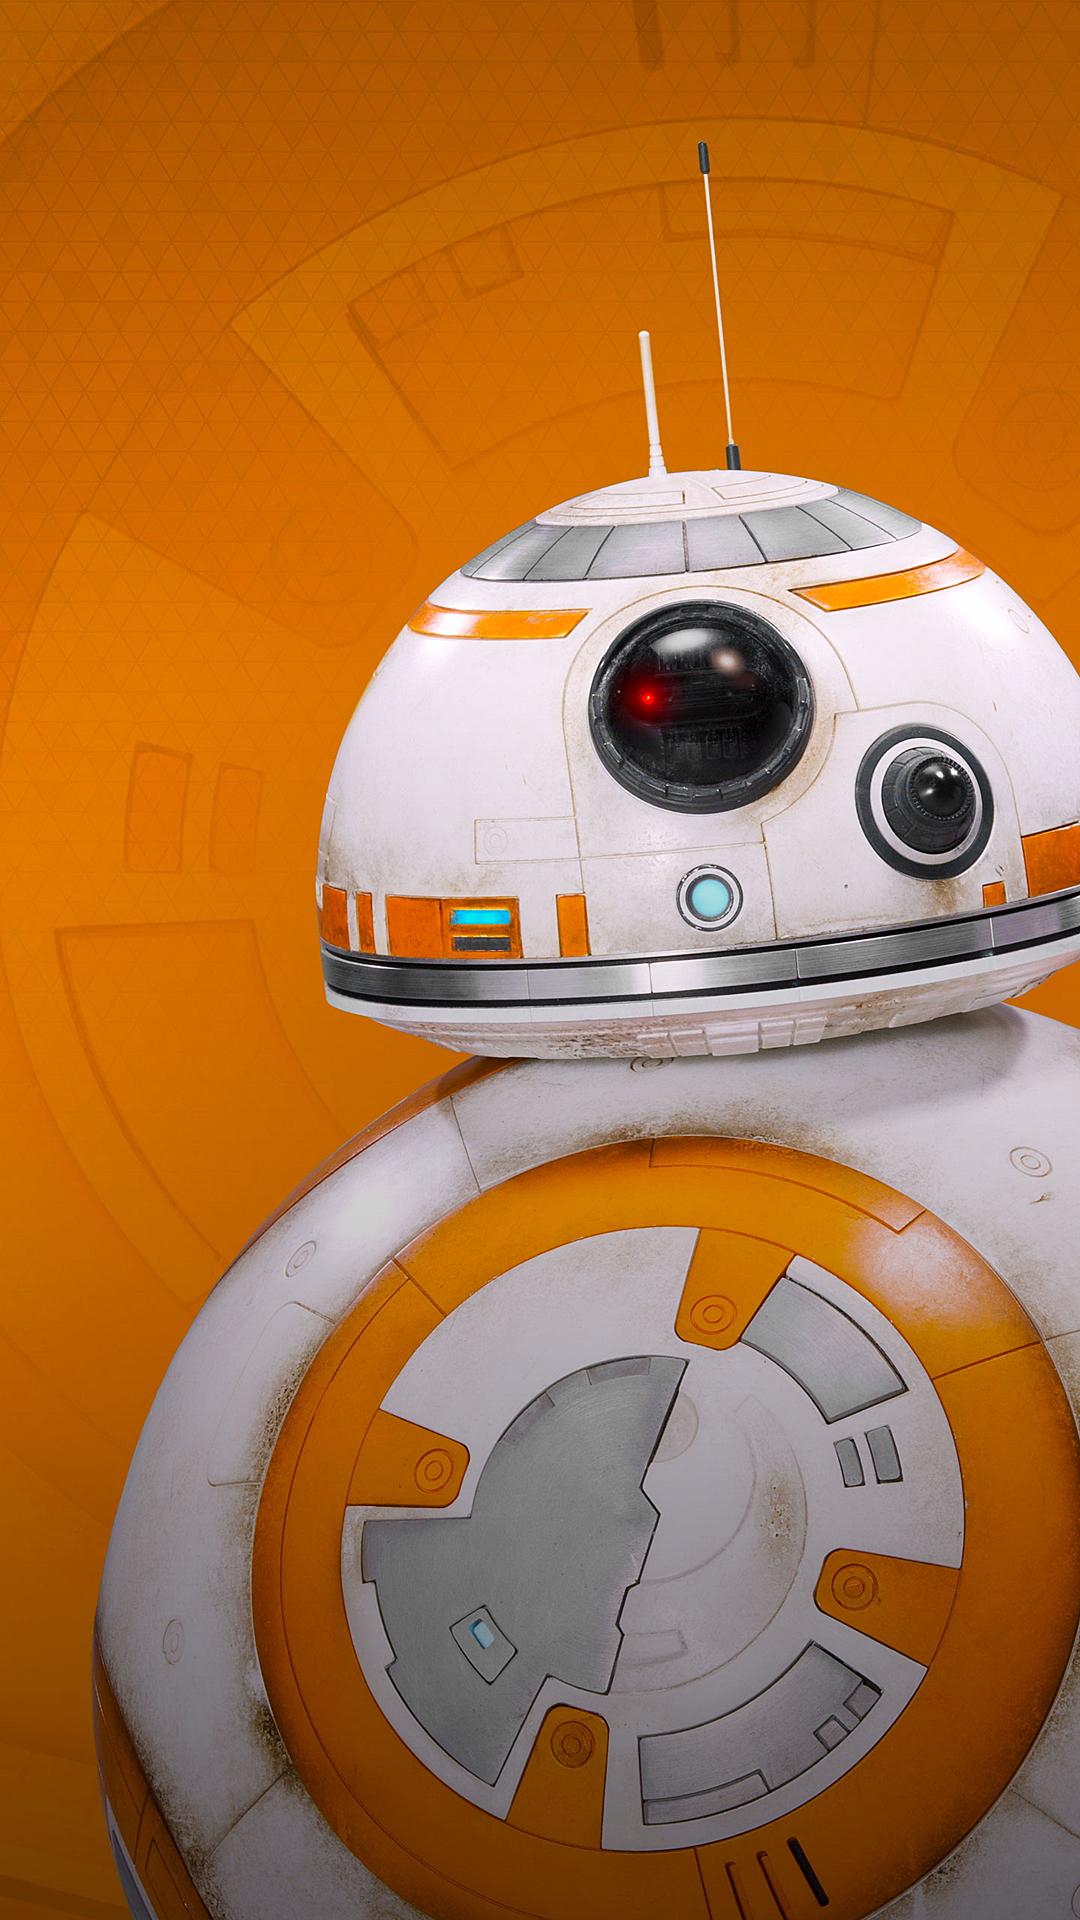 BB 8 droid iPhone 6 Plus Wallpaper 1080x1920 Star wars 1080x1920